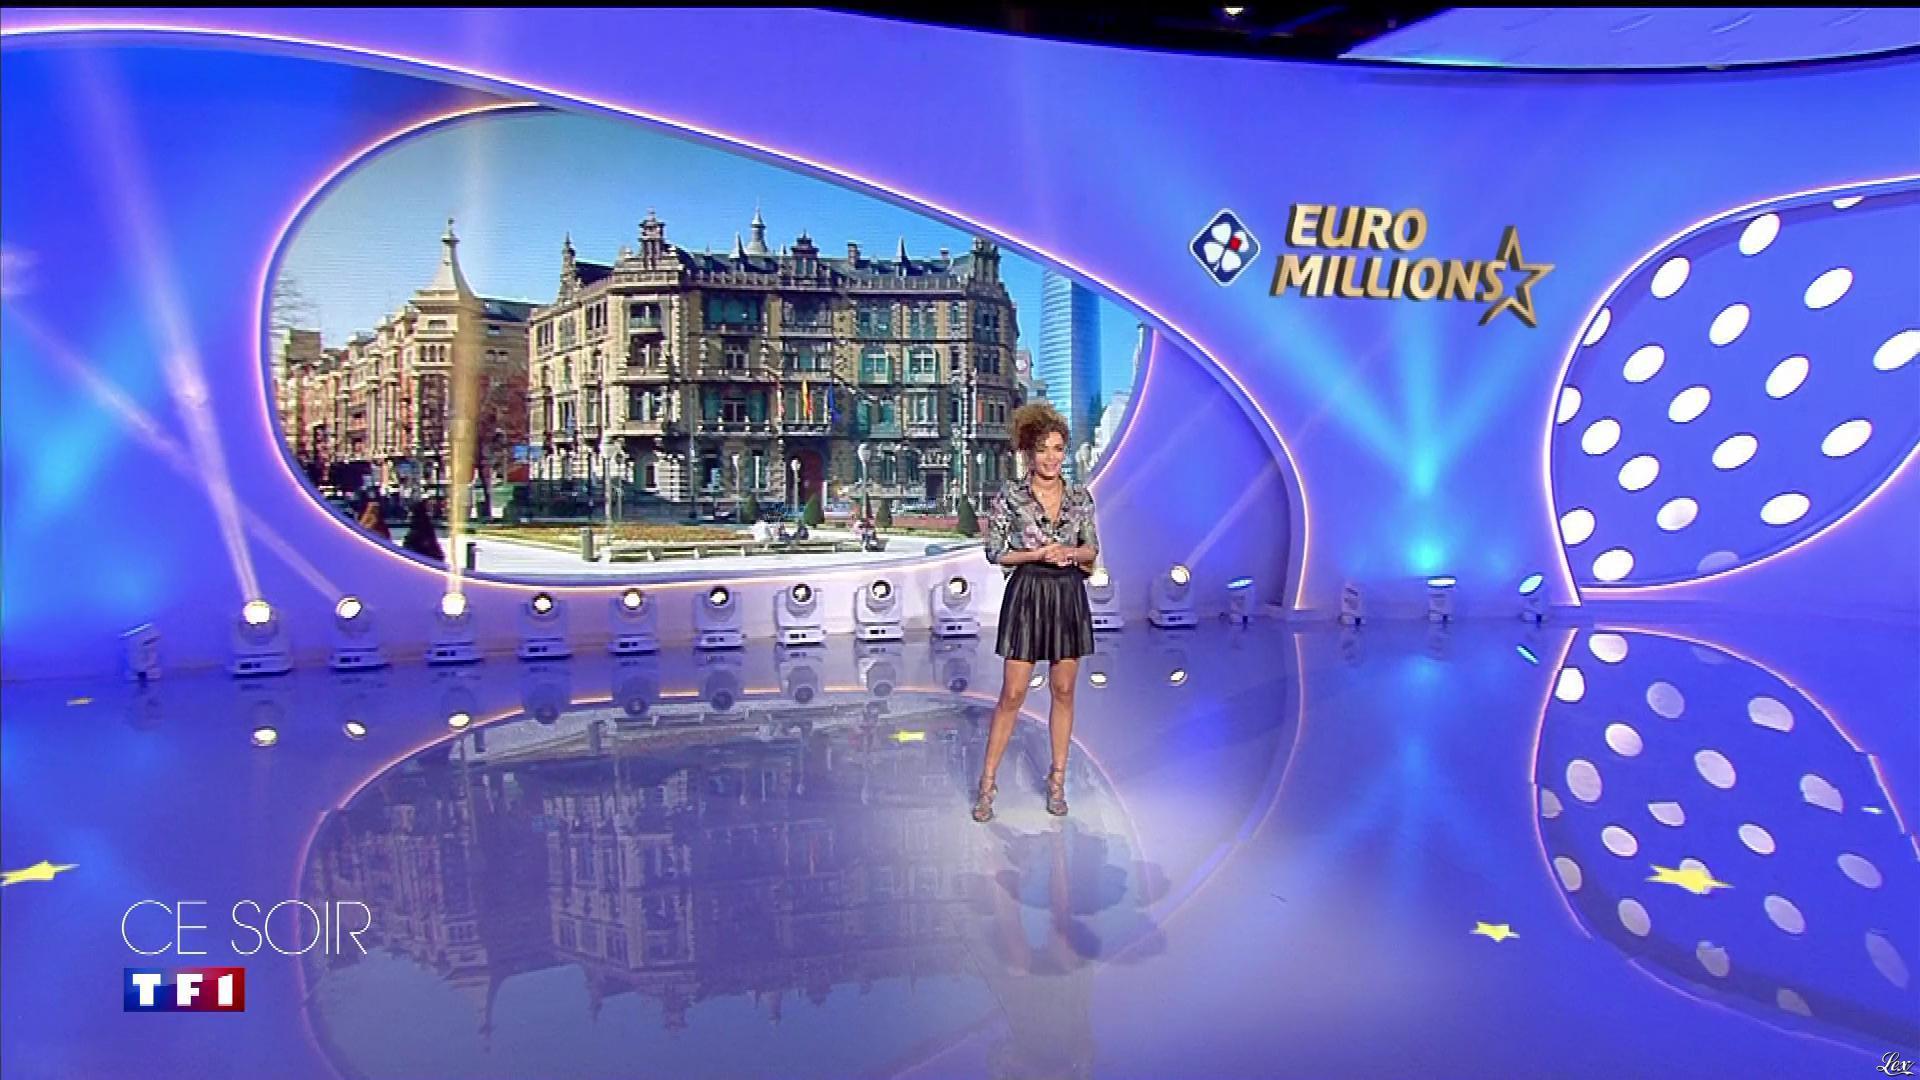 Anaïs Grangerac dans une Bande-Annonce de l'Euro Millions. Diffusé à la télévision le 10/01/20.